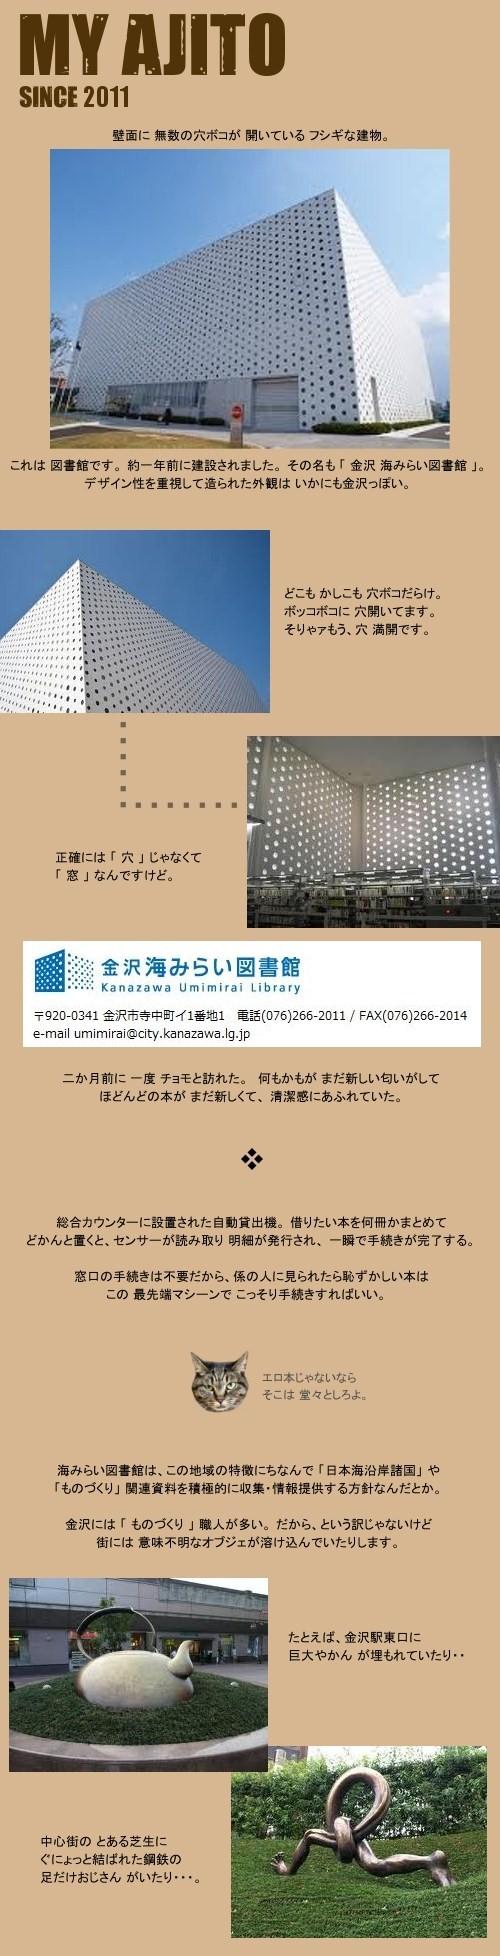 TENSHA_1.jpg